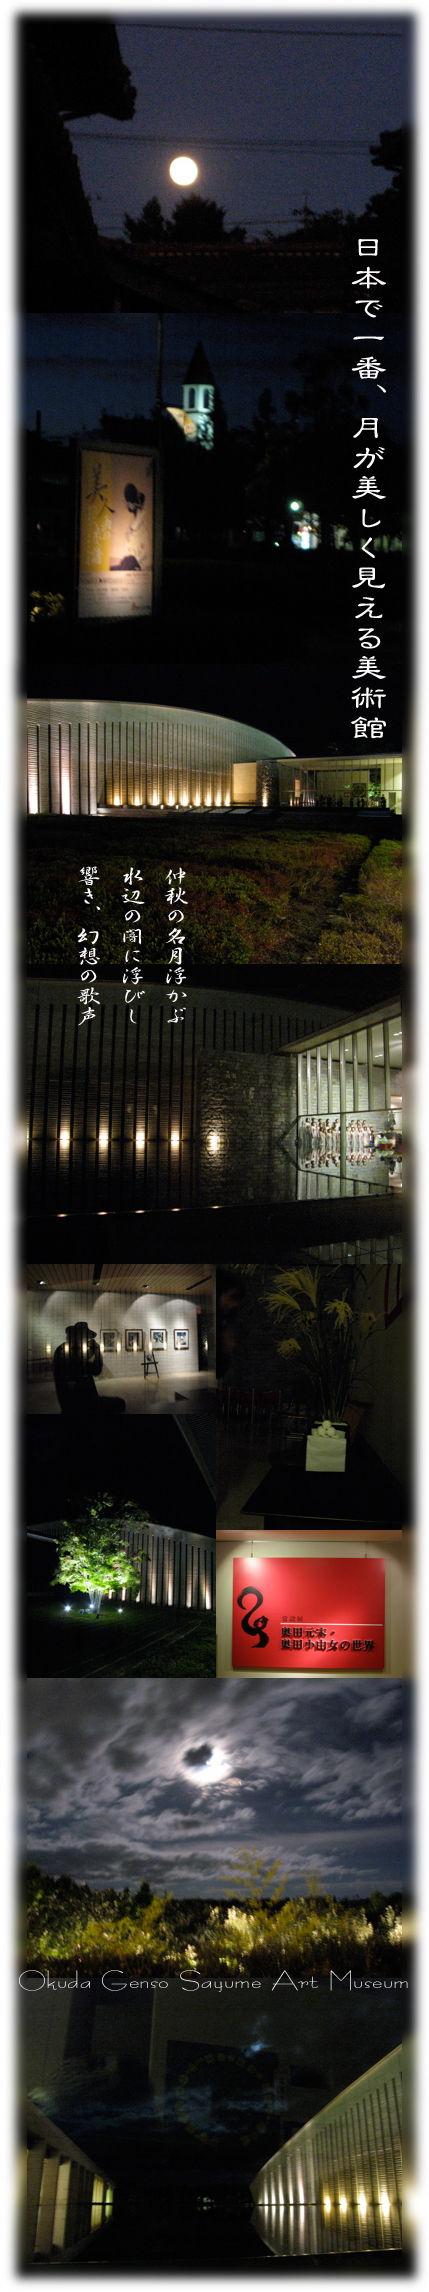 奥田元宋美術館